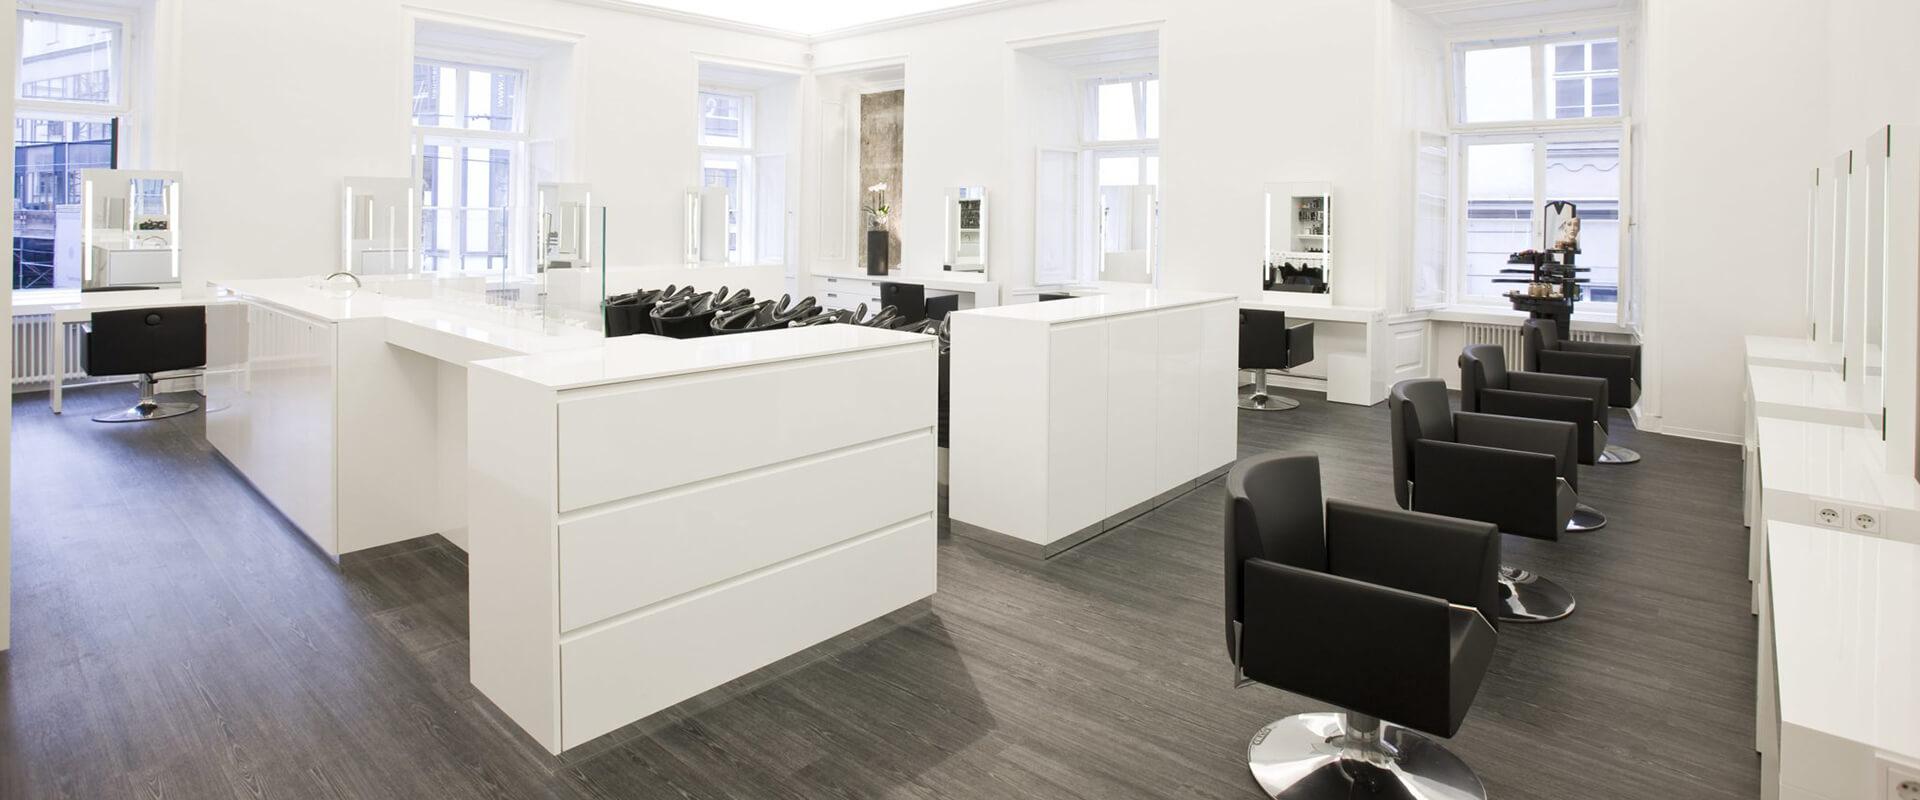 Friseur Ossig Team GmbH & Co KG